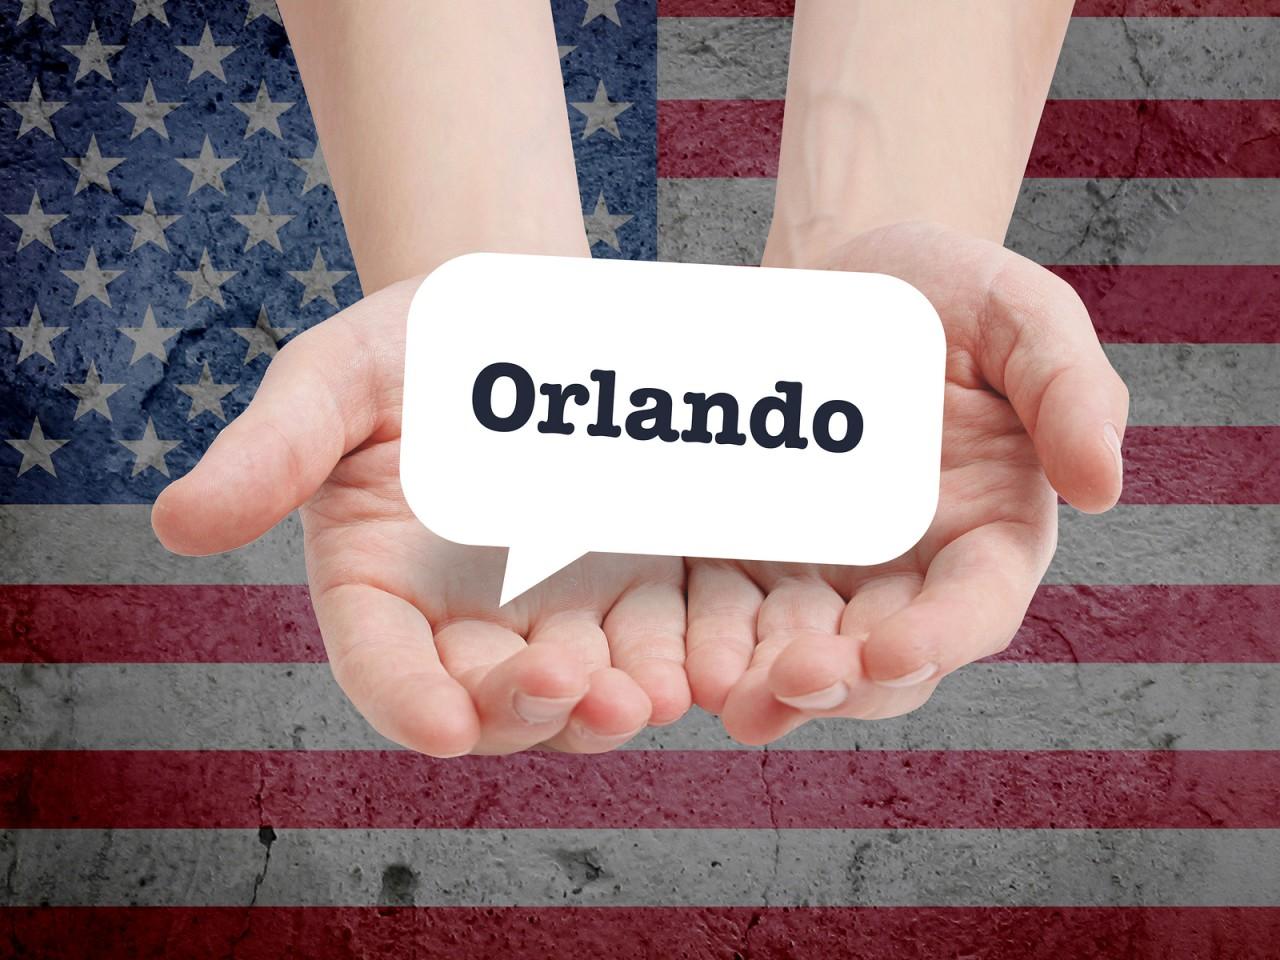 Orlando massacre spurs prayer, compassion